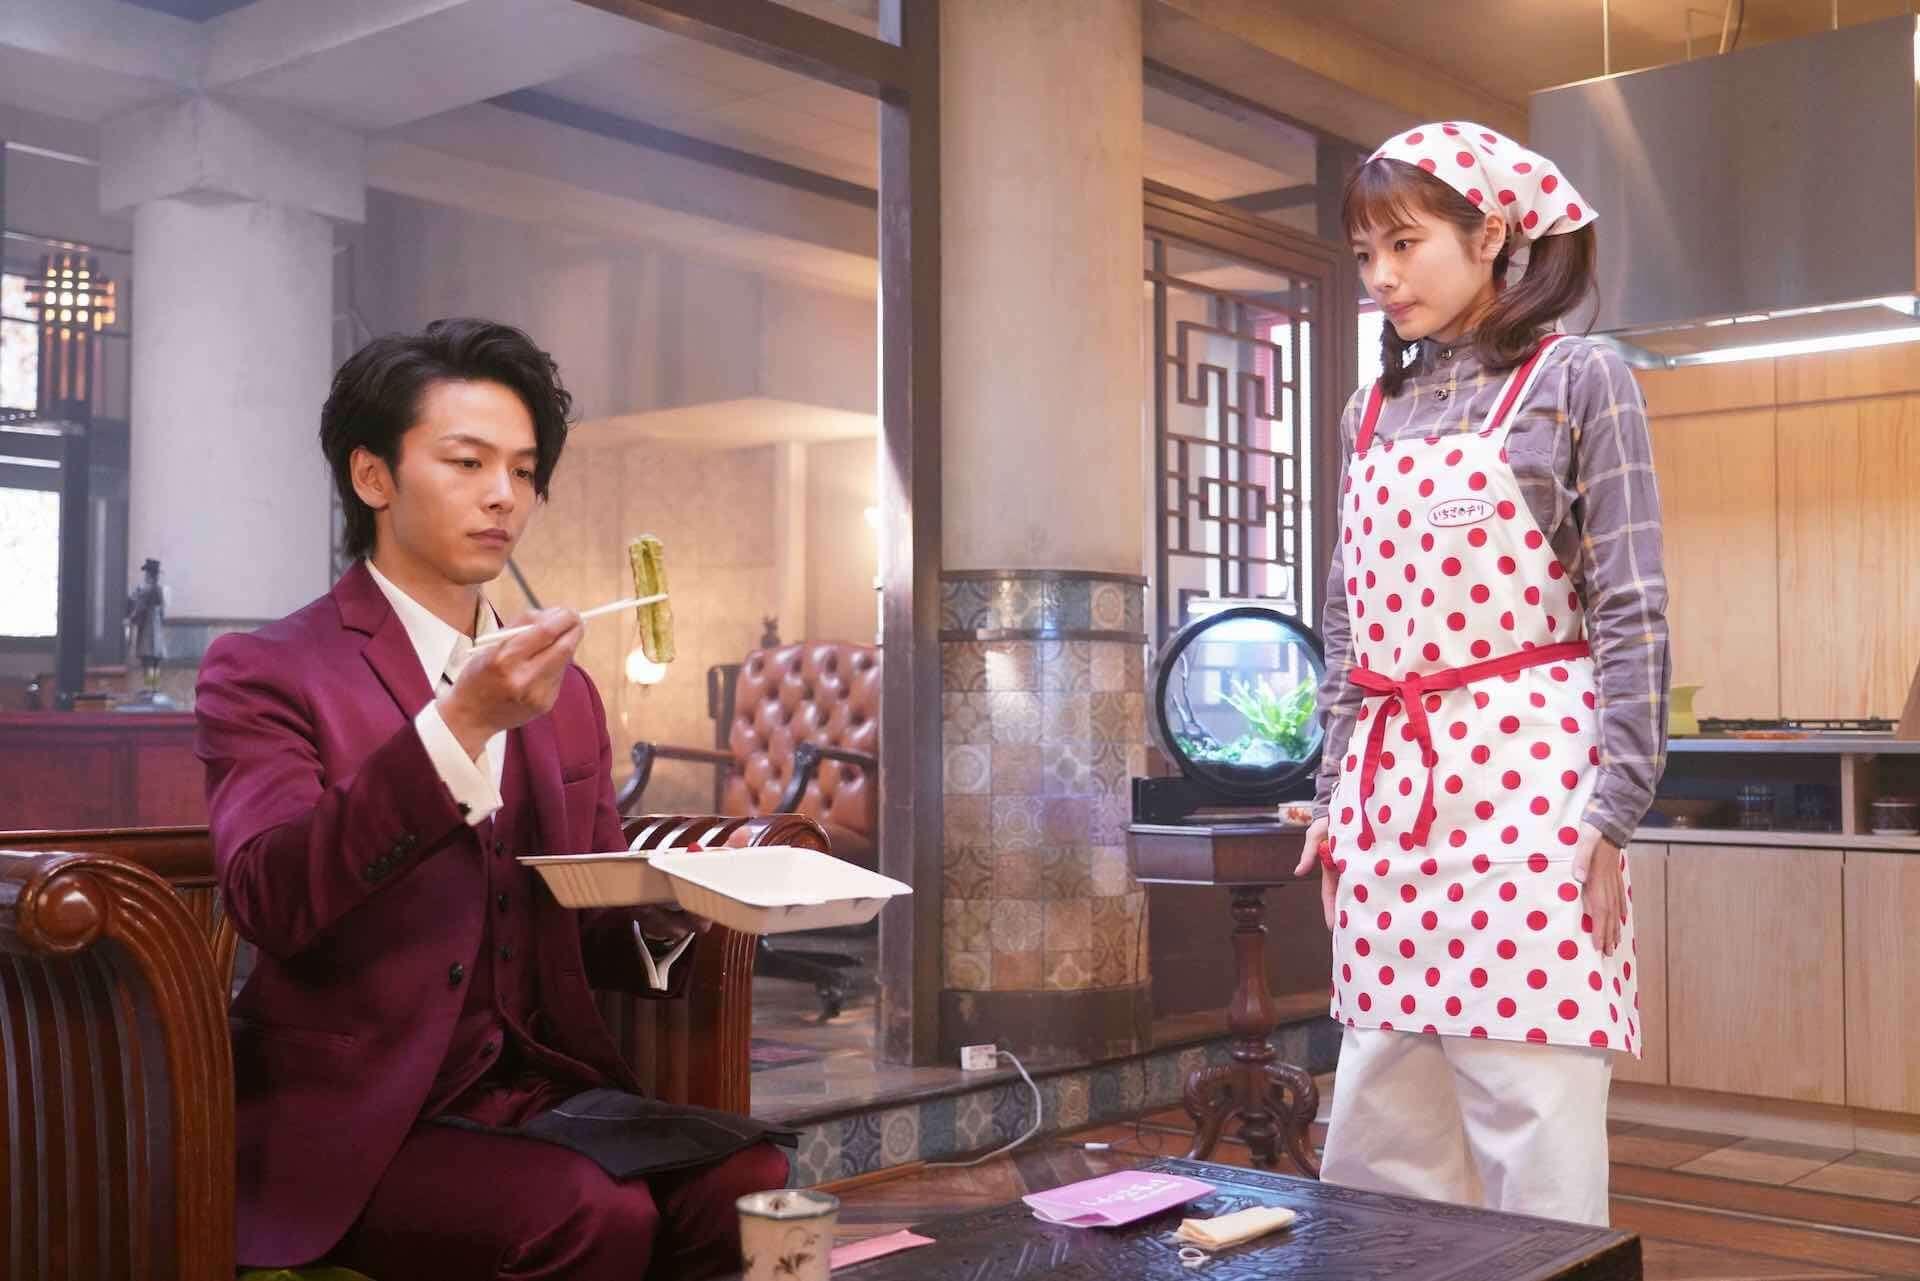 『美食探偵』のHuluオリジナルストーリーが配信決定!中村倫也「より美食探偵を味わえる、そんな作品に」 art200407_ntv_bisyoku_2-1920x1281